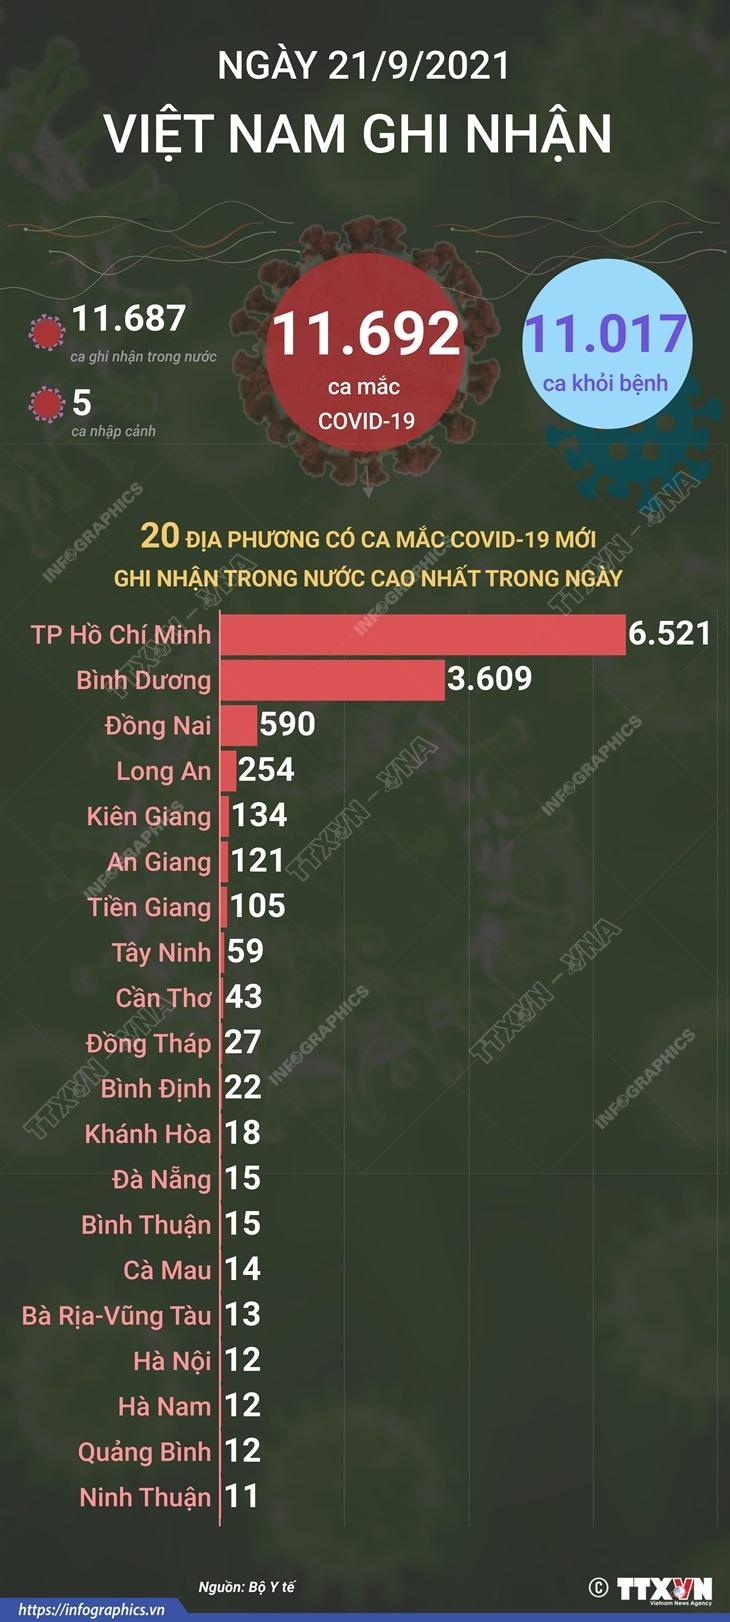 [Infographics] Them 11.017 benh nhan COVID-19 duoc cong bo khoi benh hinh anh 1